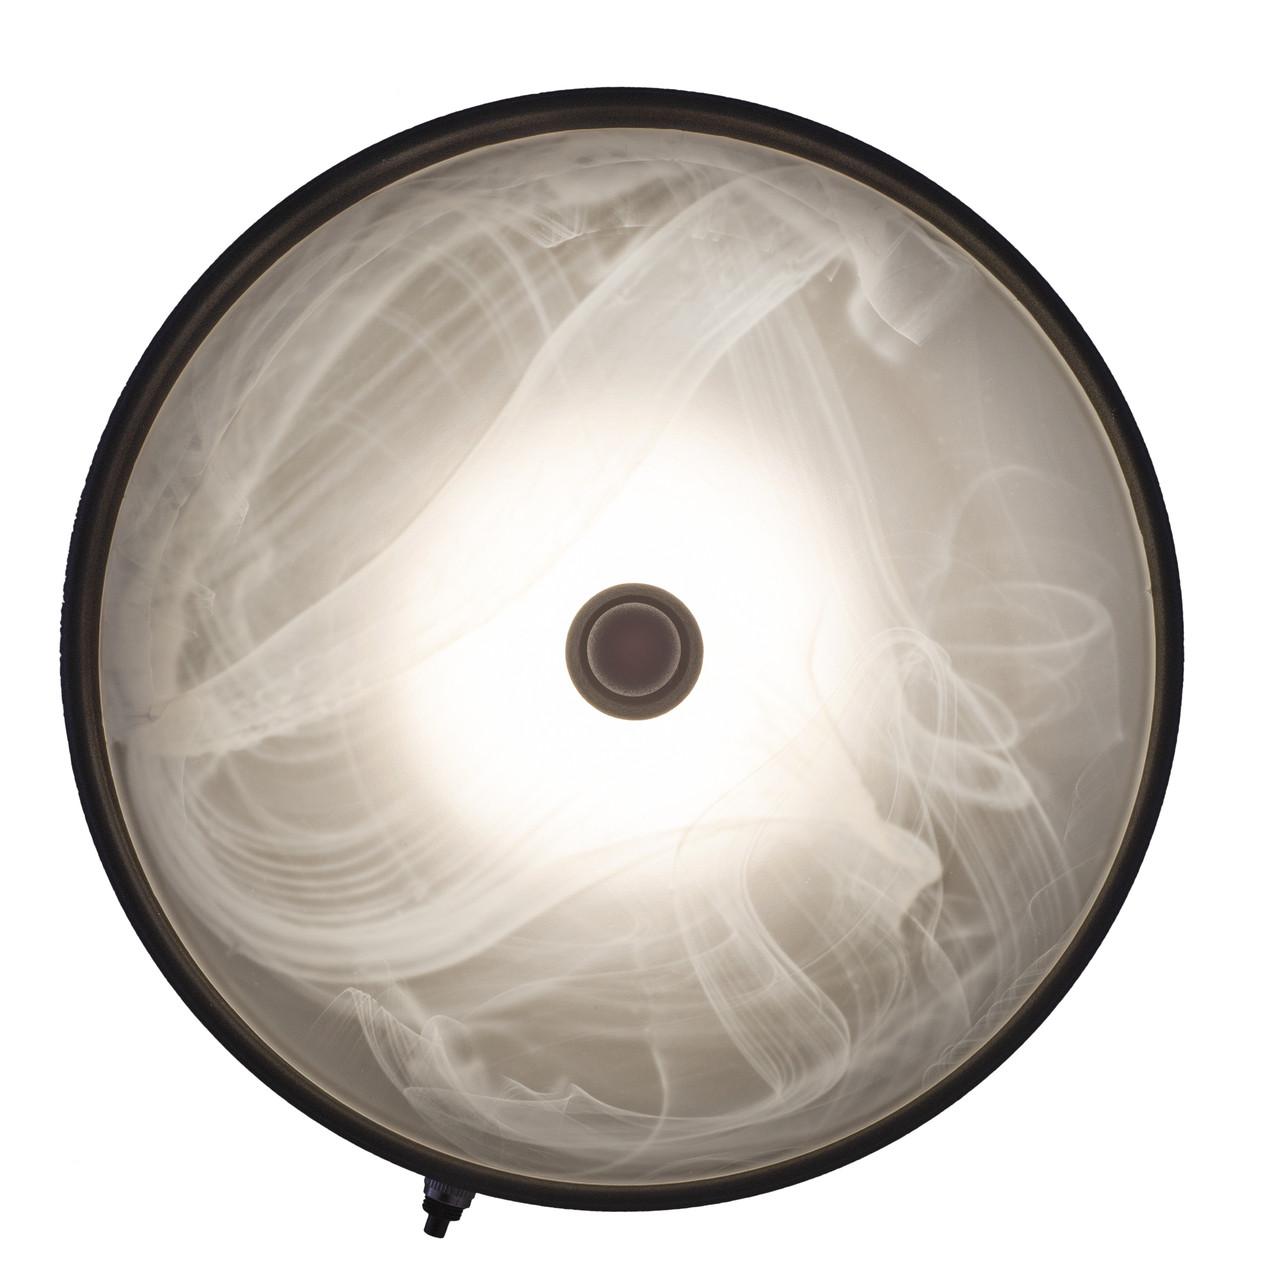 Rv ceiling light 12v led textured black recpro rv ceiling light rv ceiling light aloadofball Images